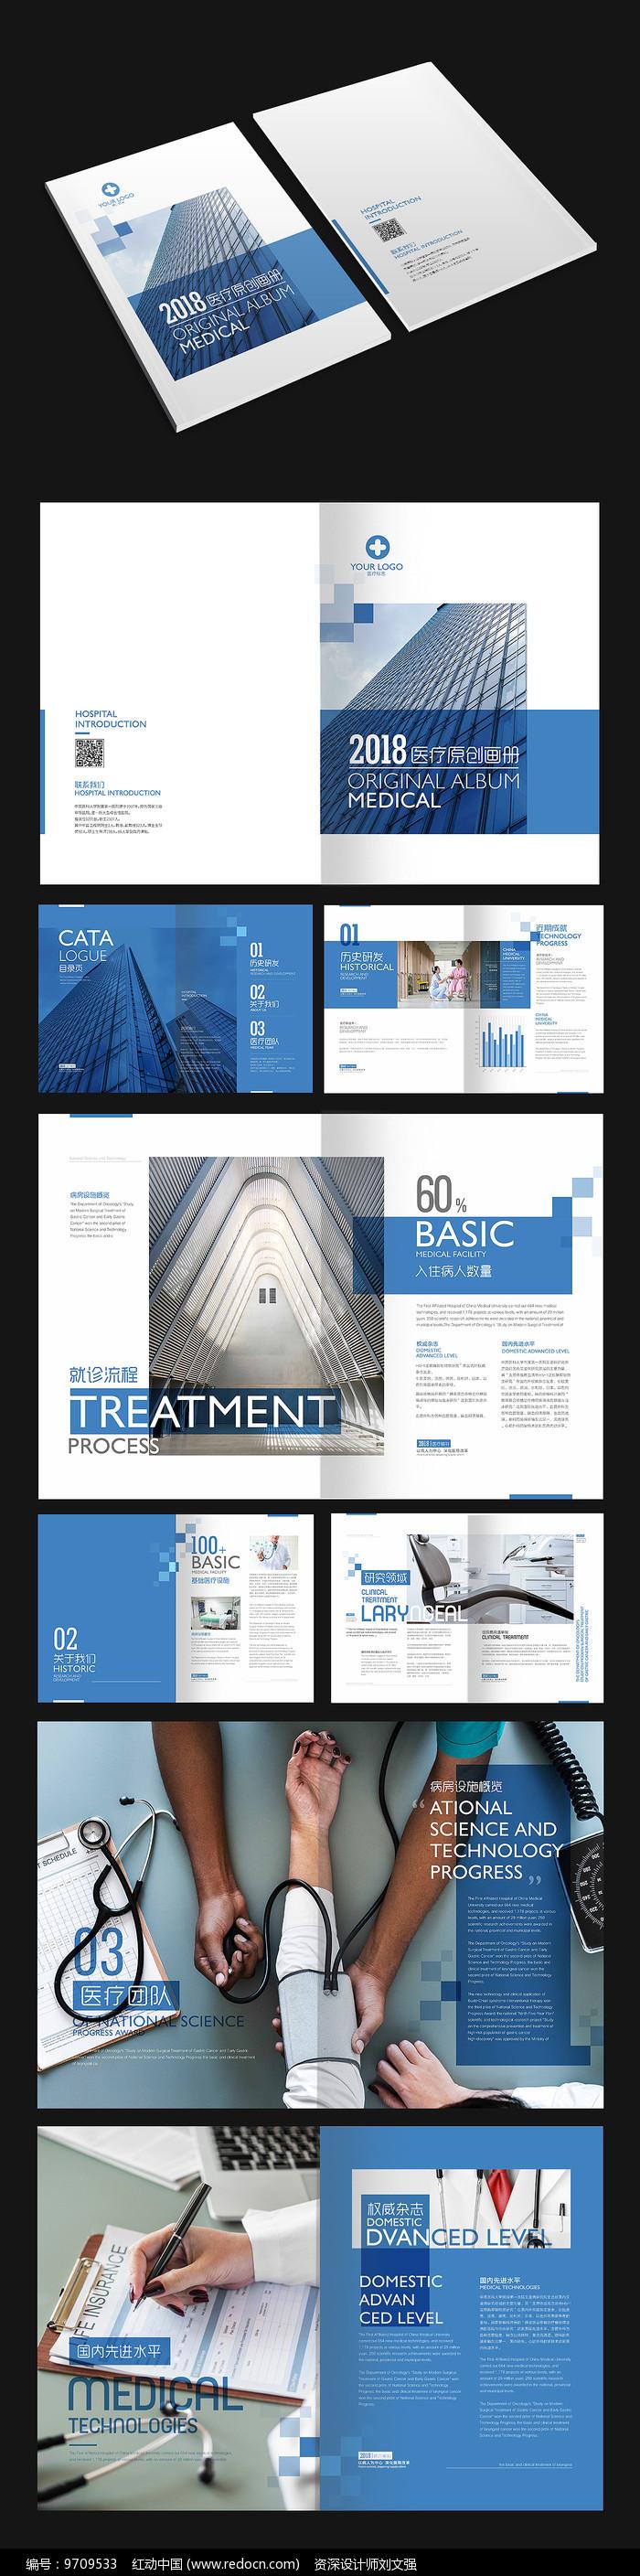 蓝色医疗宣传画册